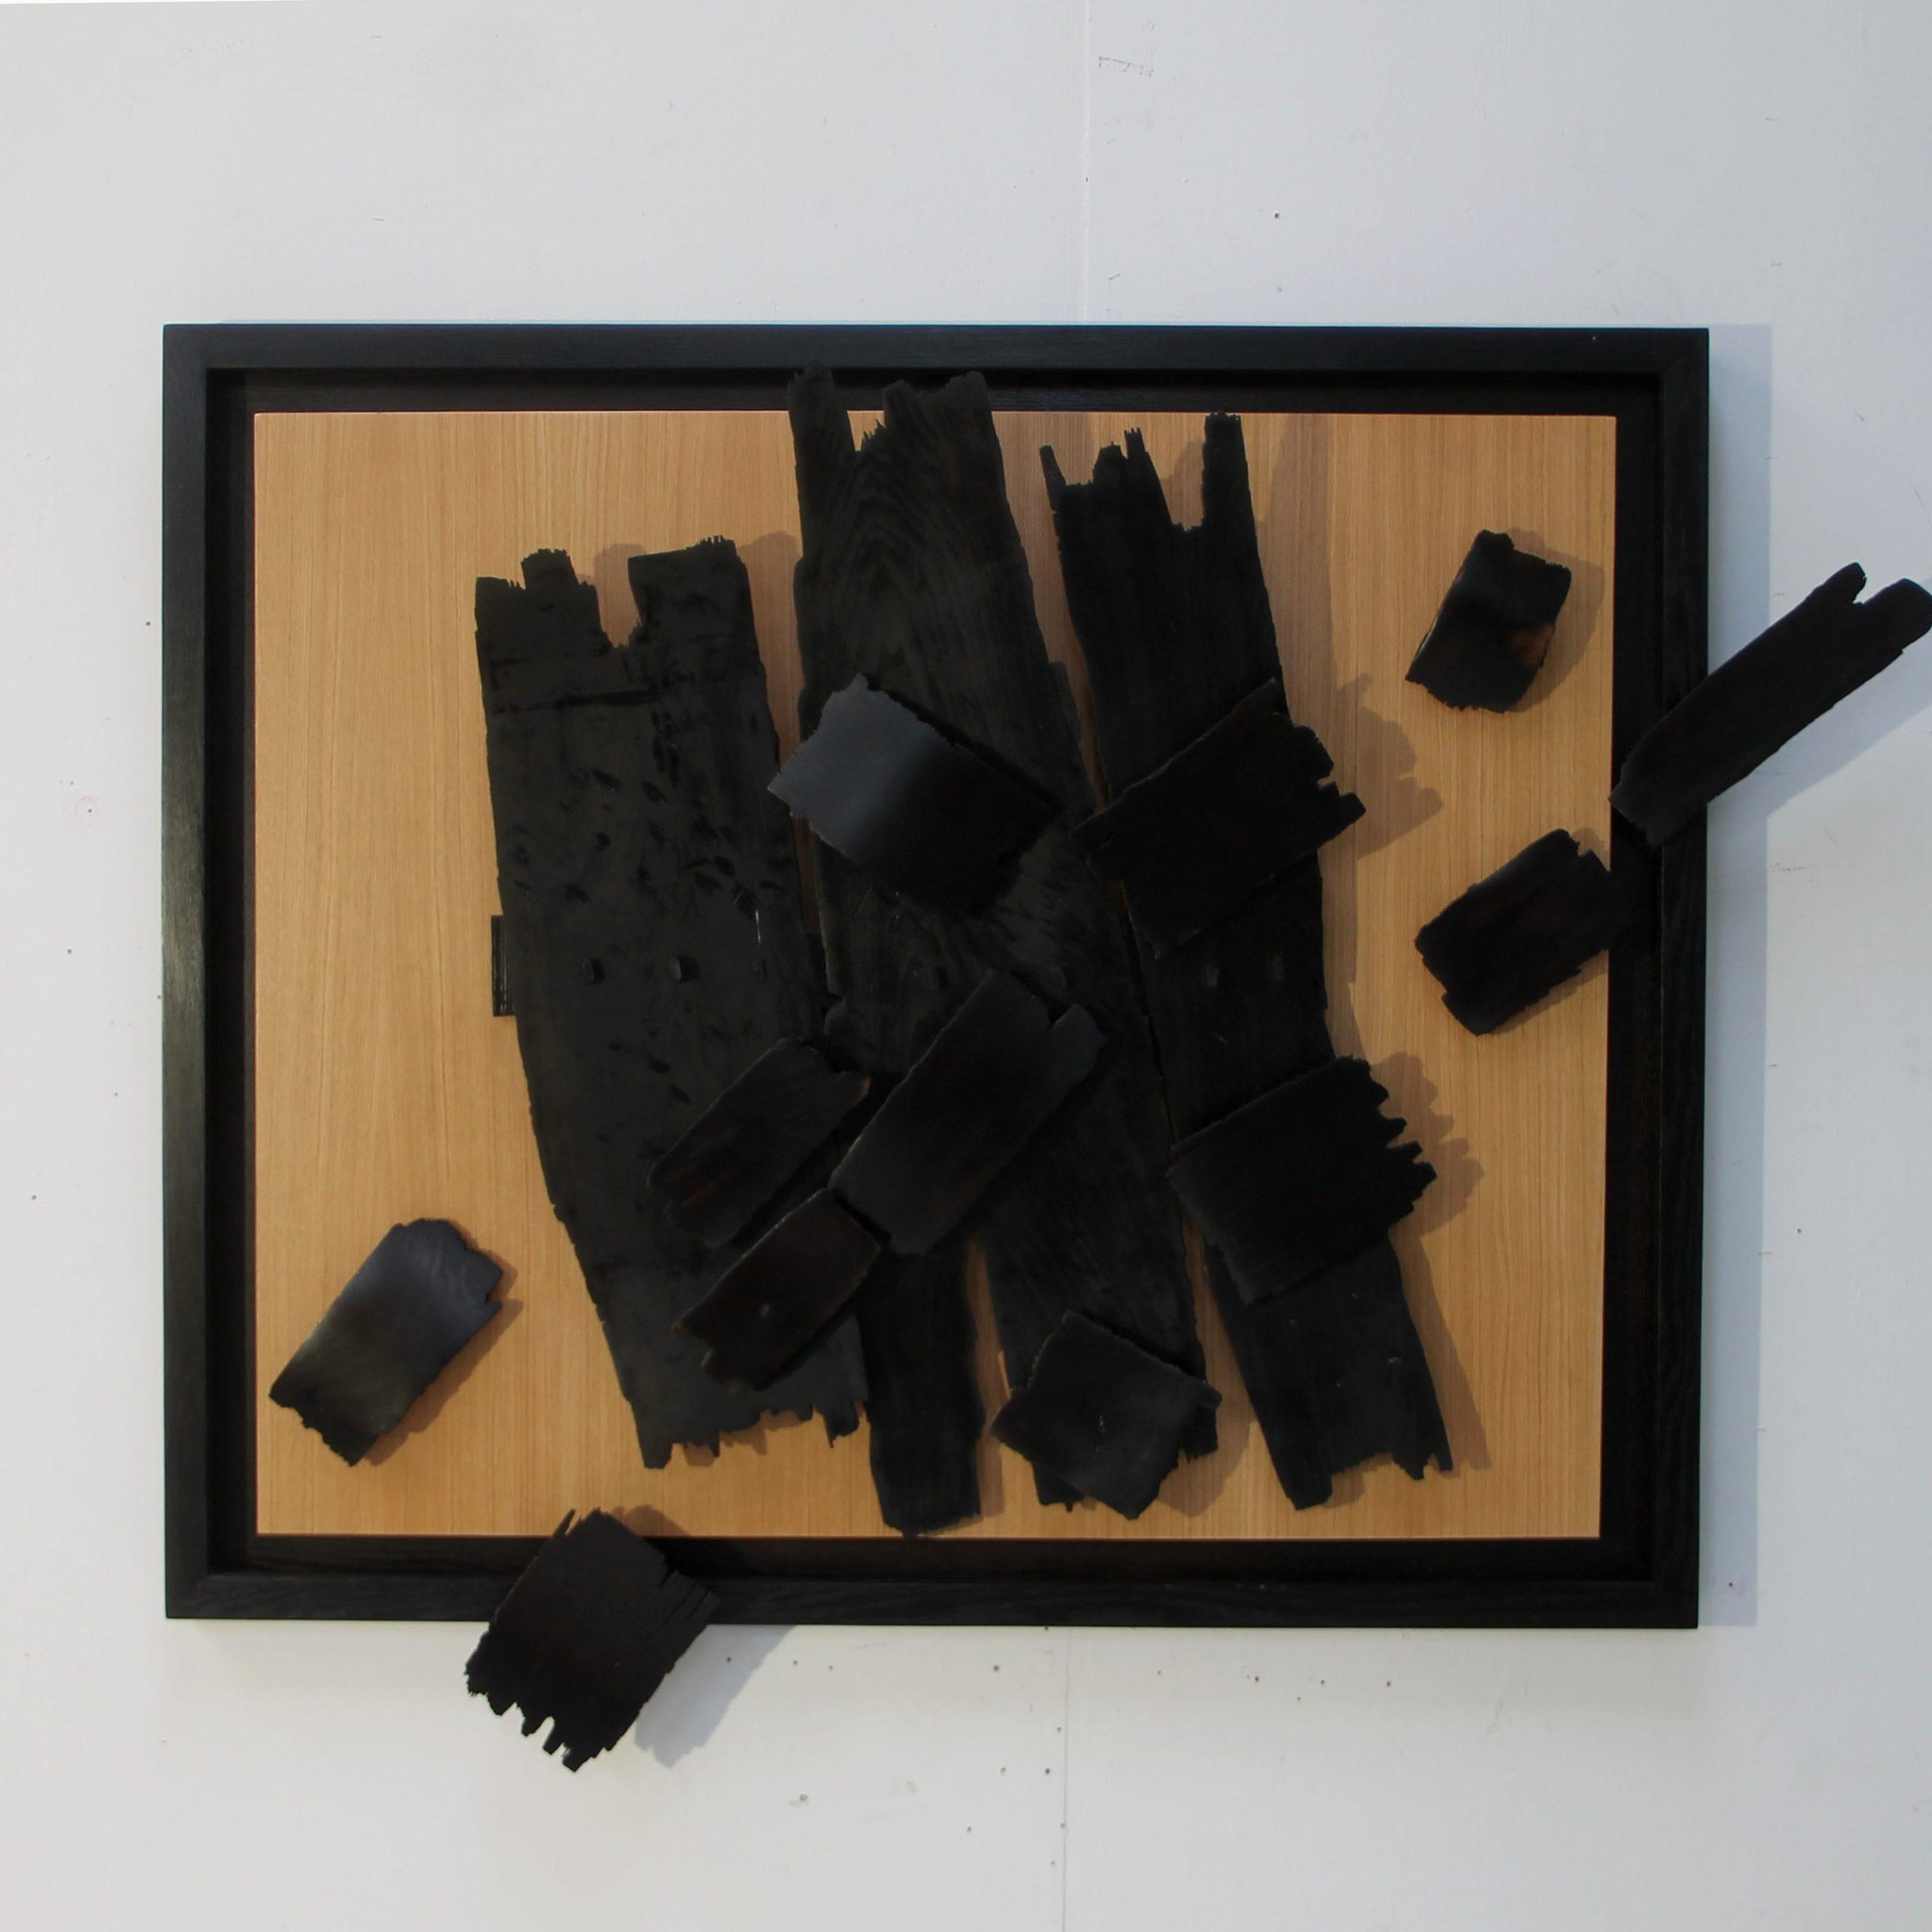 Mouvement avec cadre II 116 x 137 x 16 cm